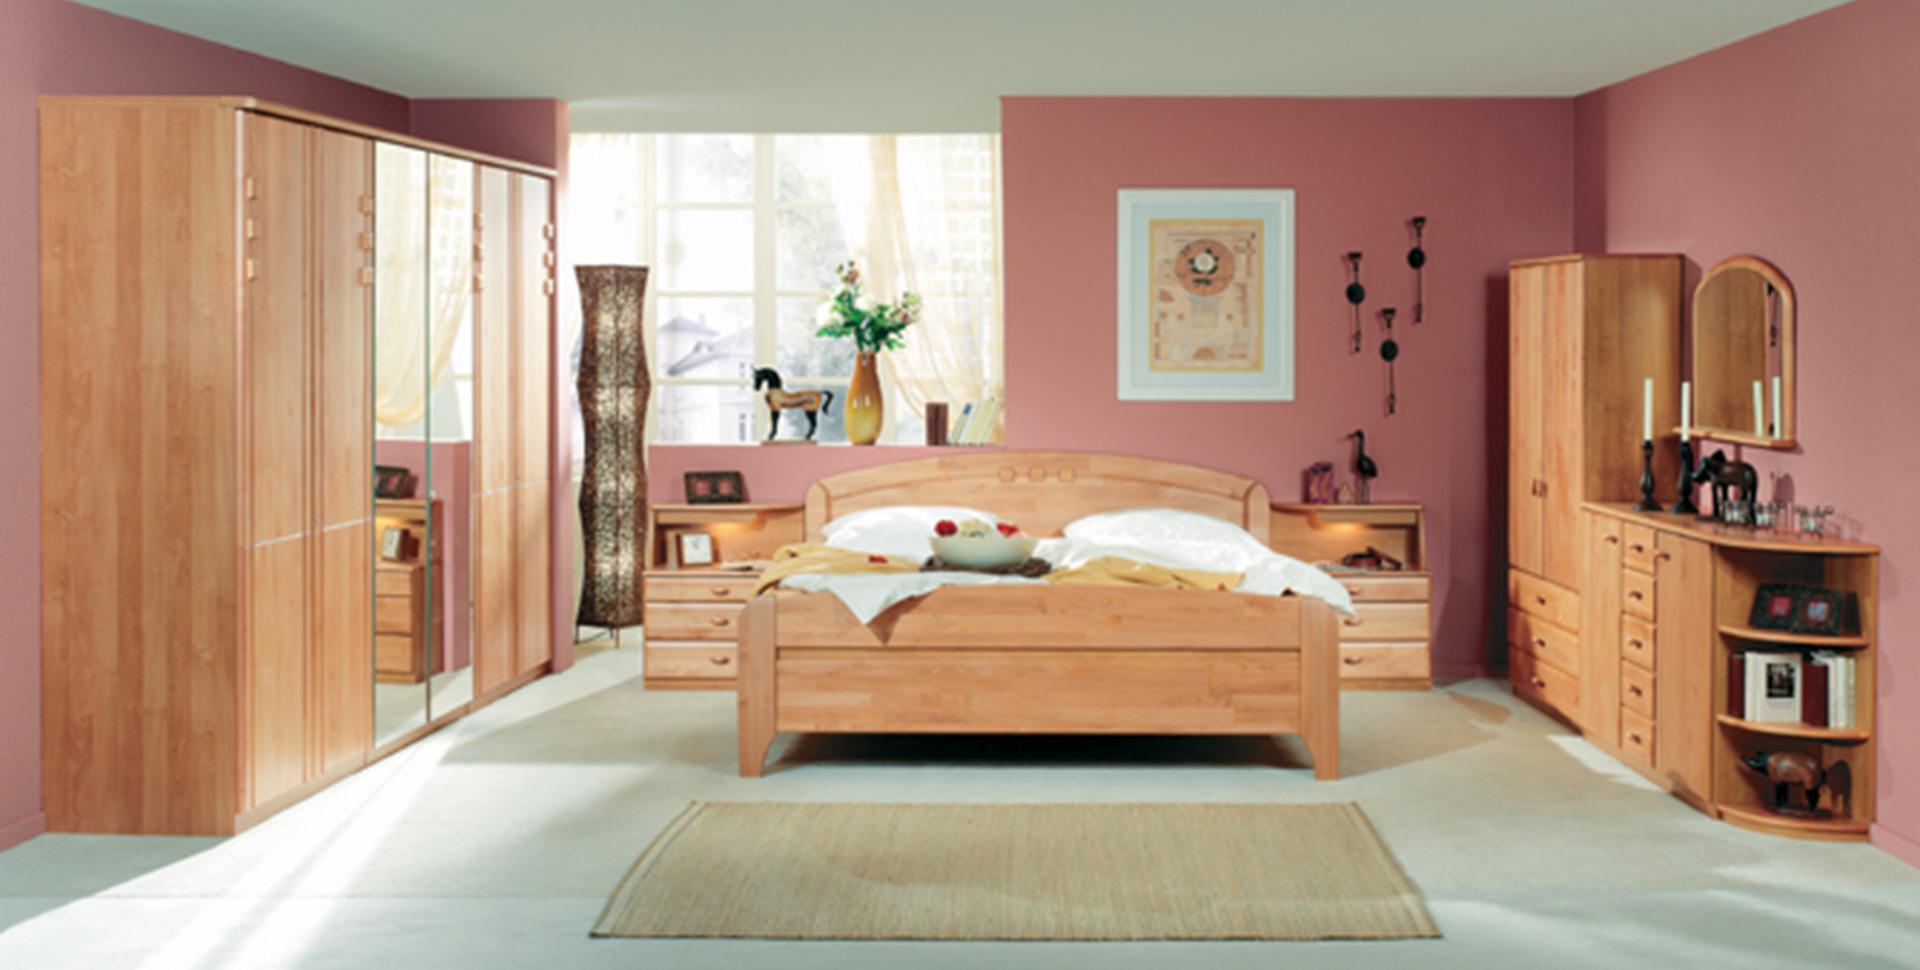 schlafzimmer06